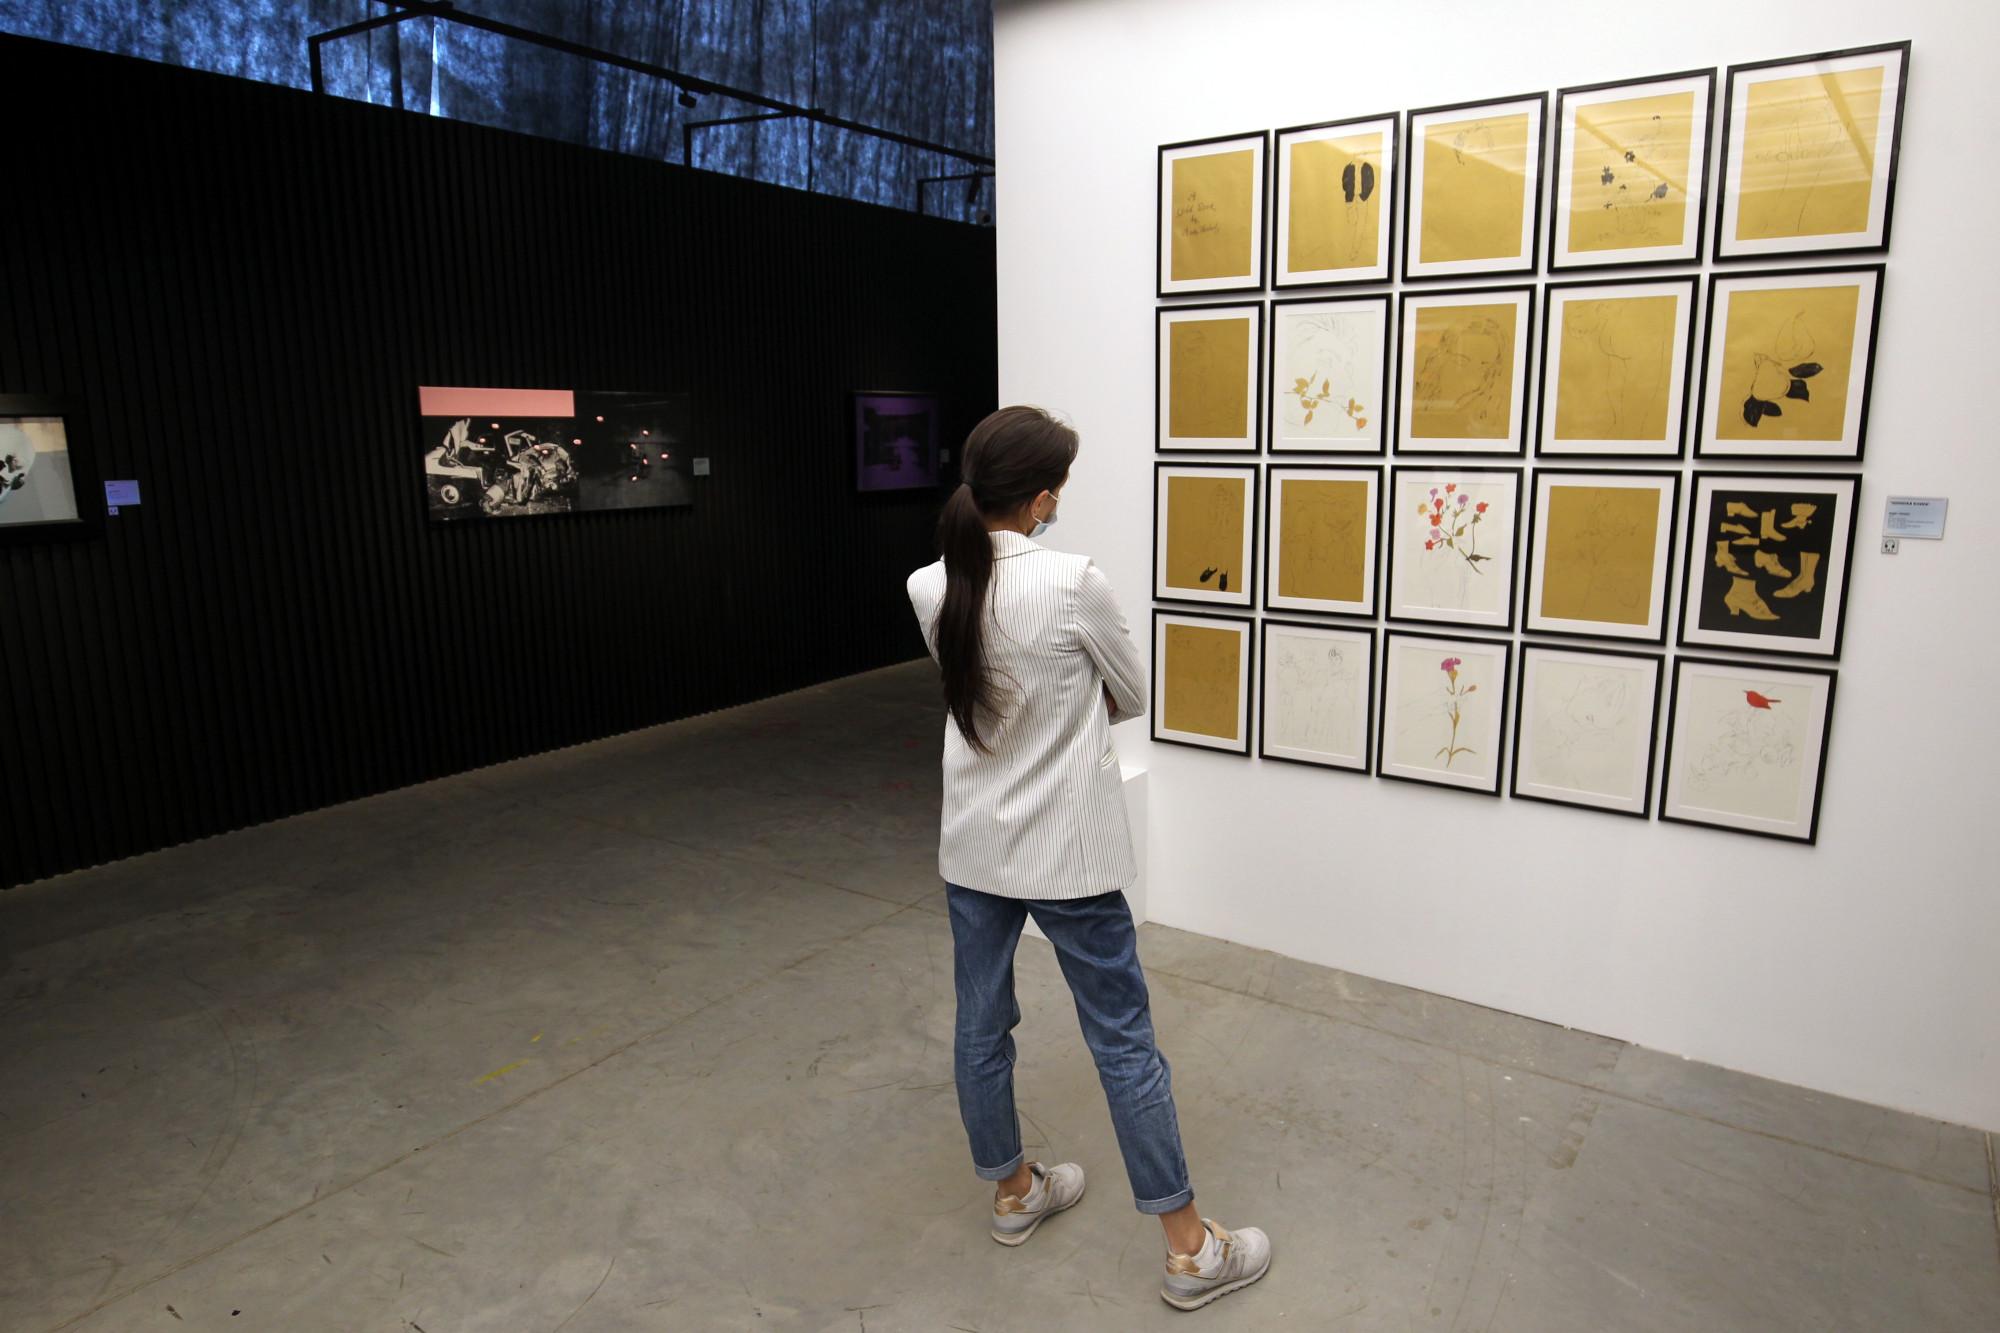 Выставка Энди Уорхола золотая книга выставка в Петербурге